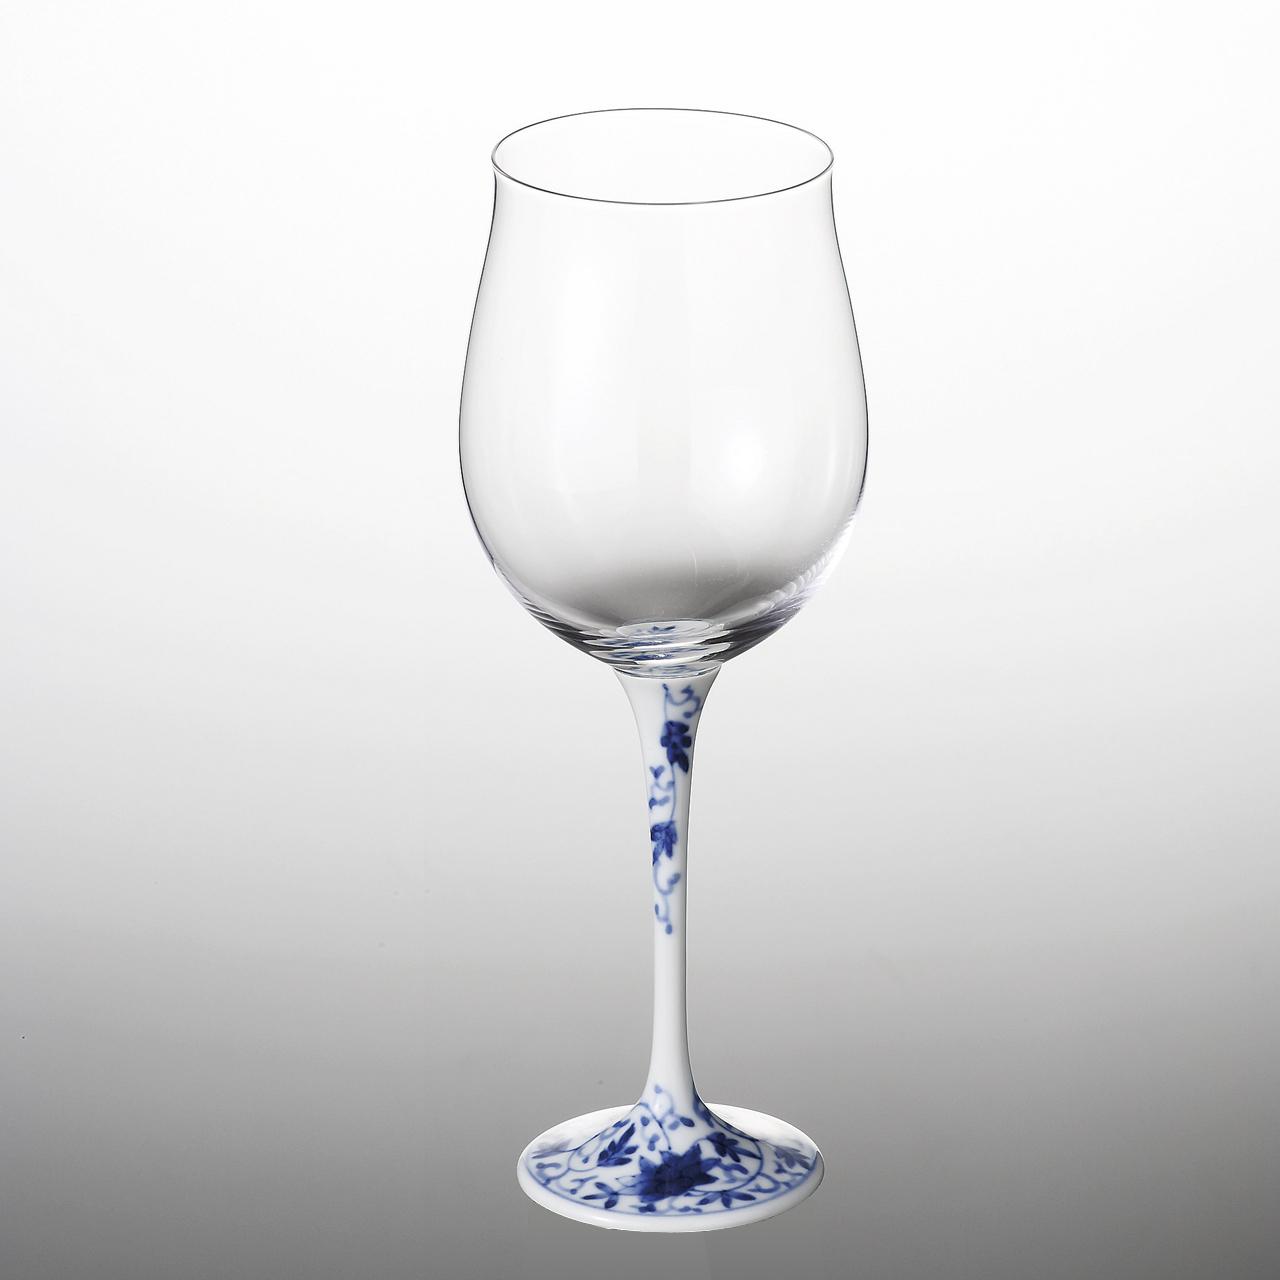 ハイレッグワイングラス(小) (染付華唐草) 20-007-B